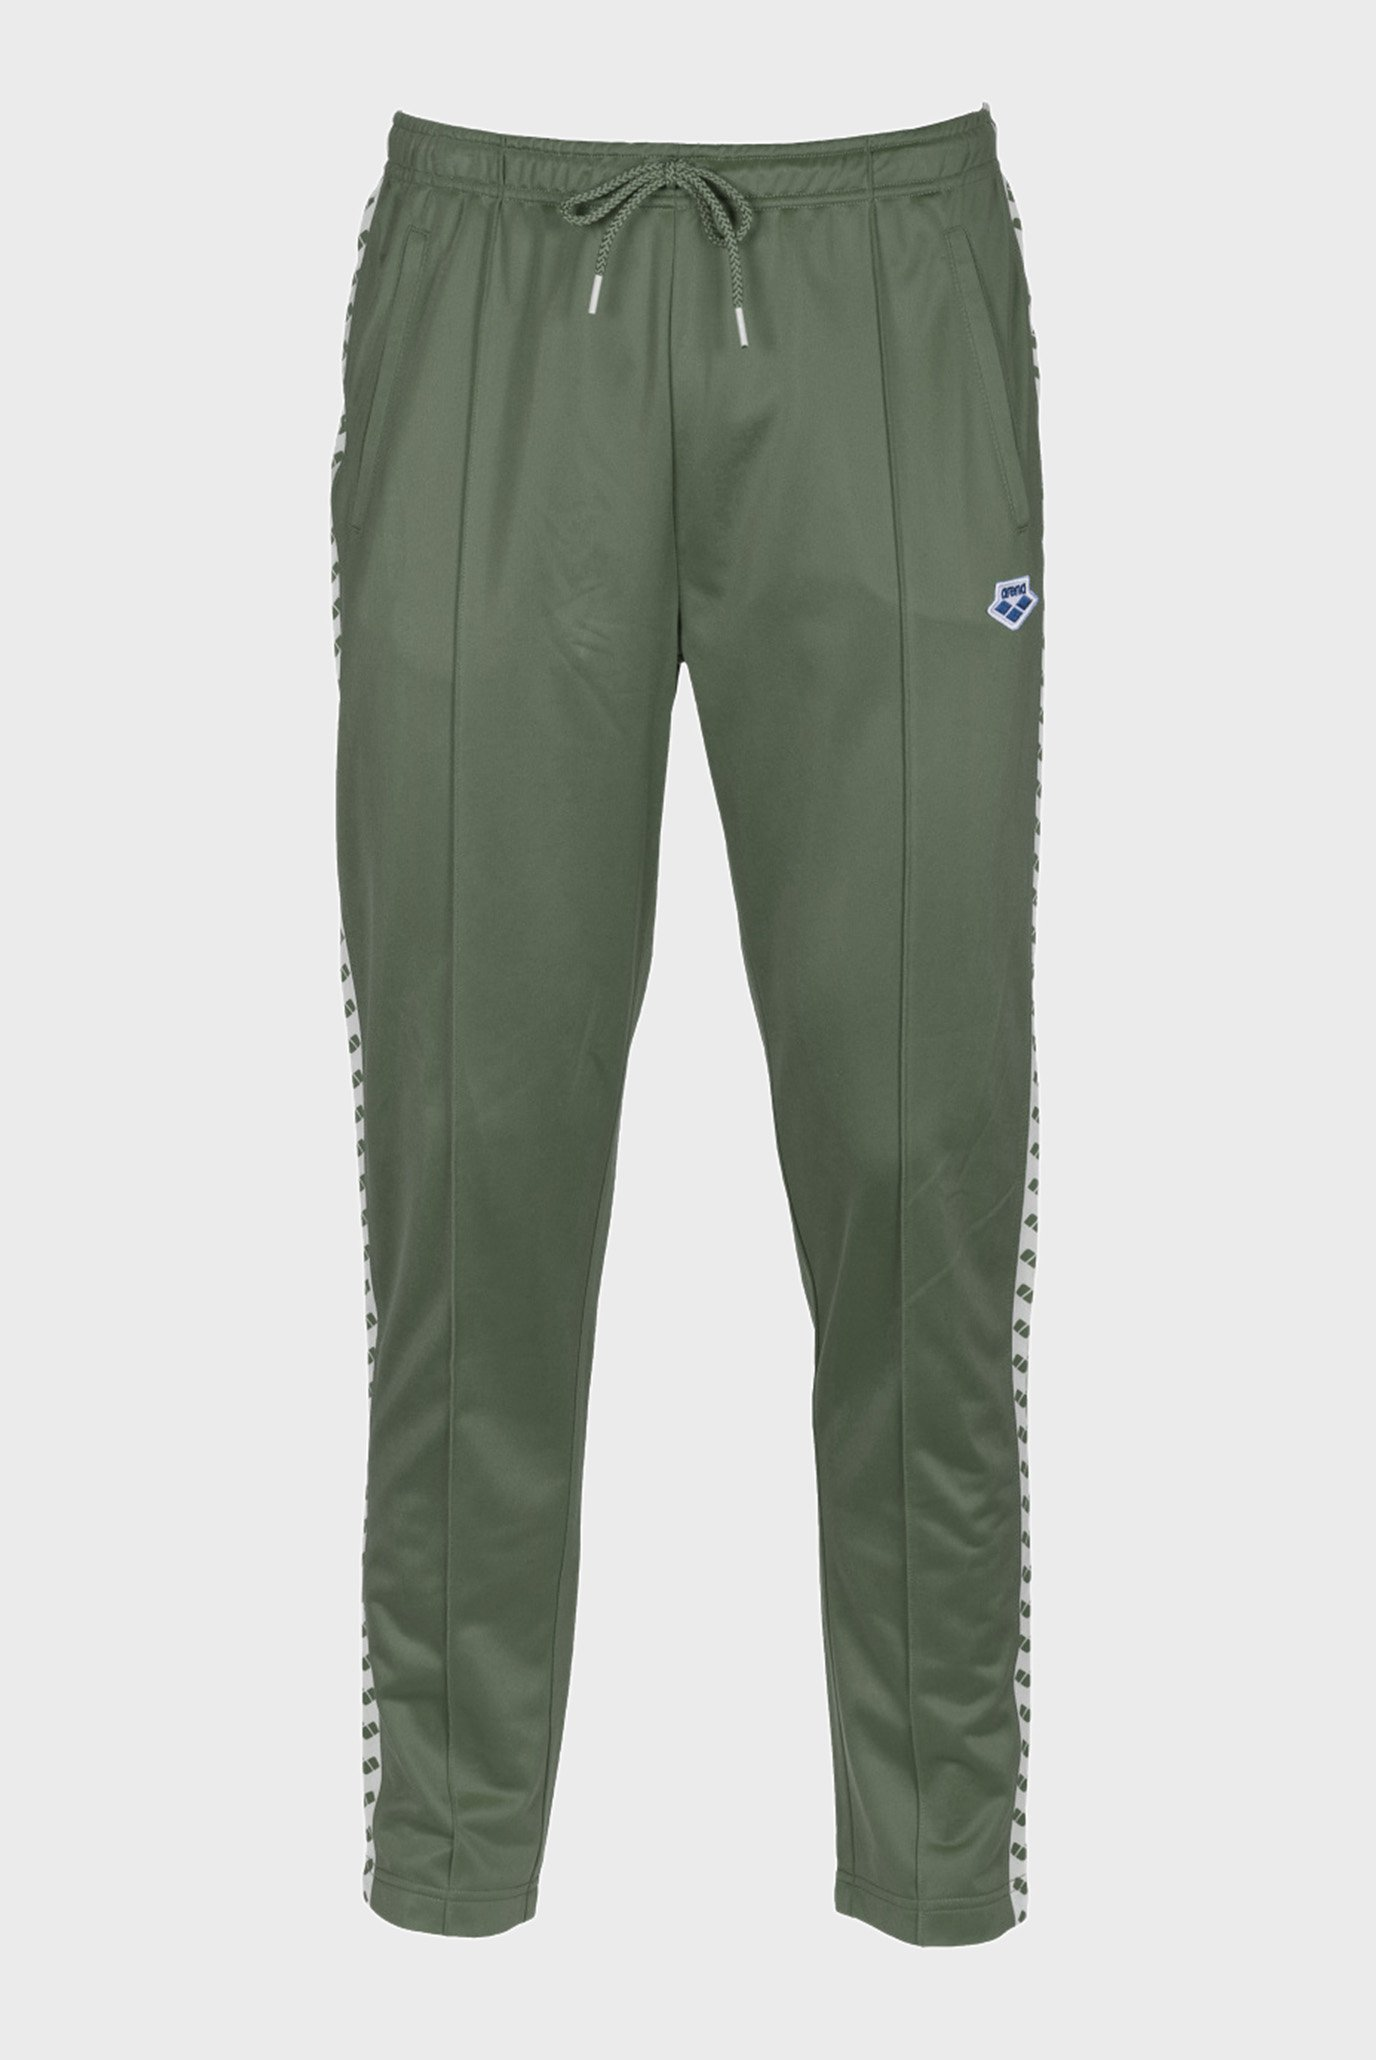 Купить Мужские оливковые спортивные брюки RELAX IV TEAM Arena Arena 001230-651 – Киев, Украина. Цены в интернет магазине MD Fashion